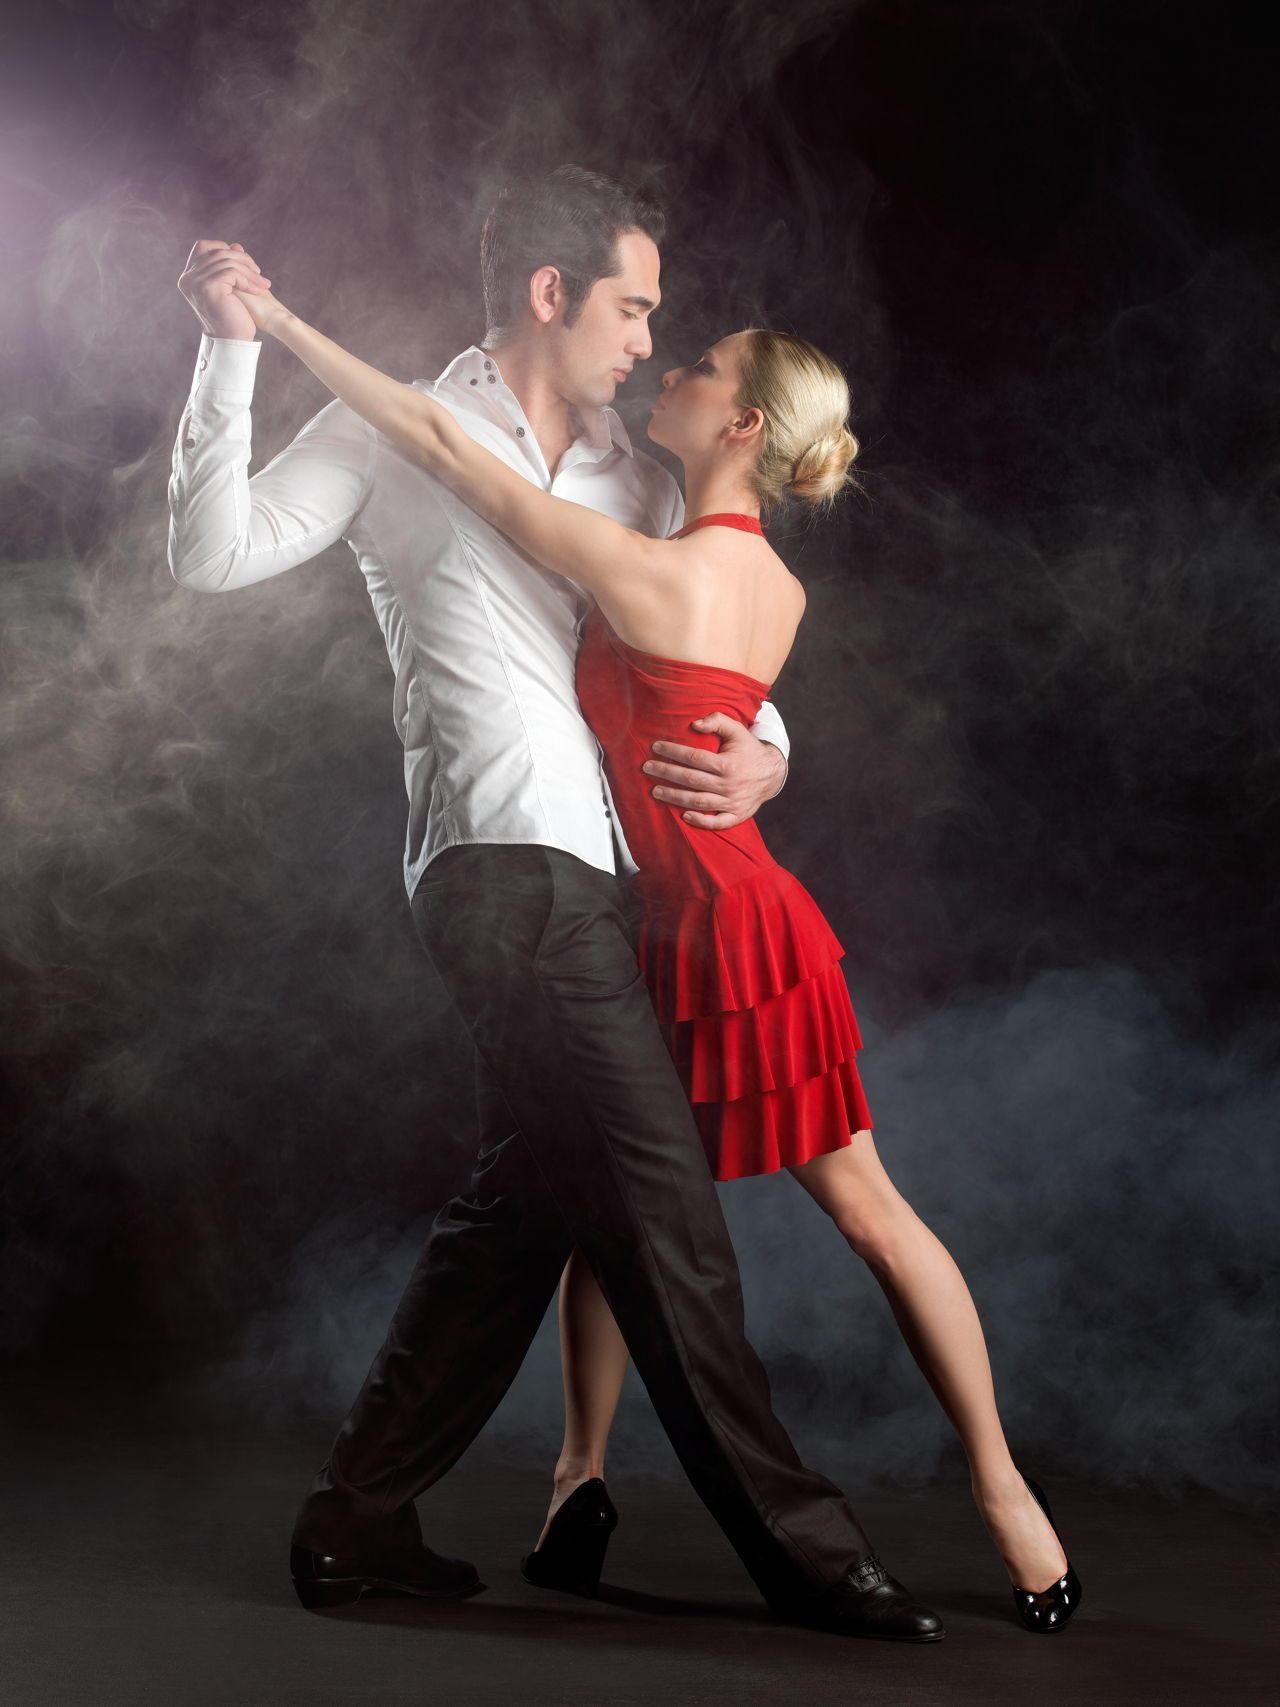 красивая пара в танце картинка лицо